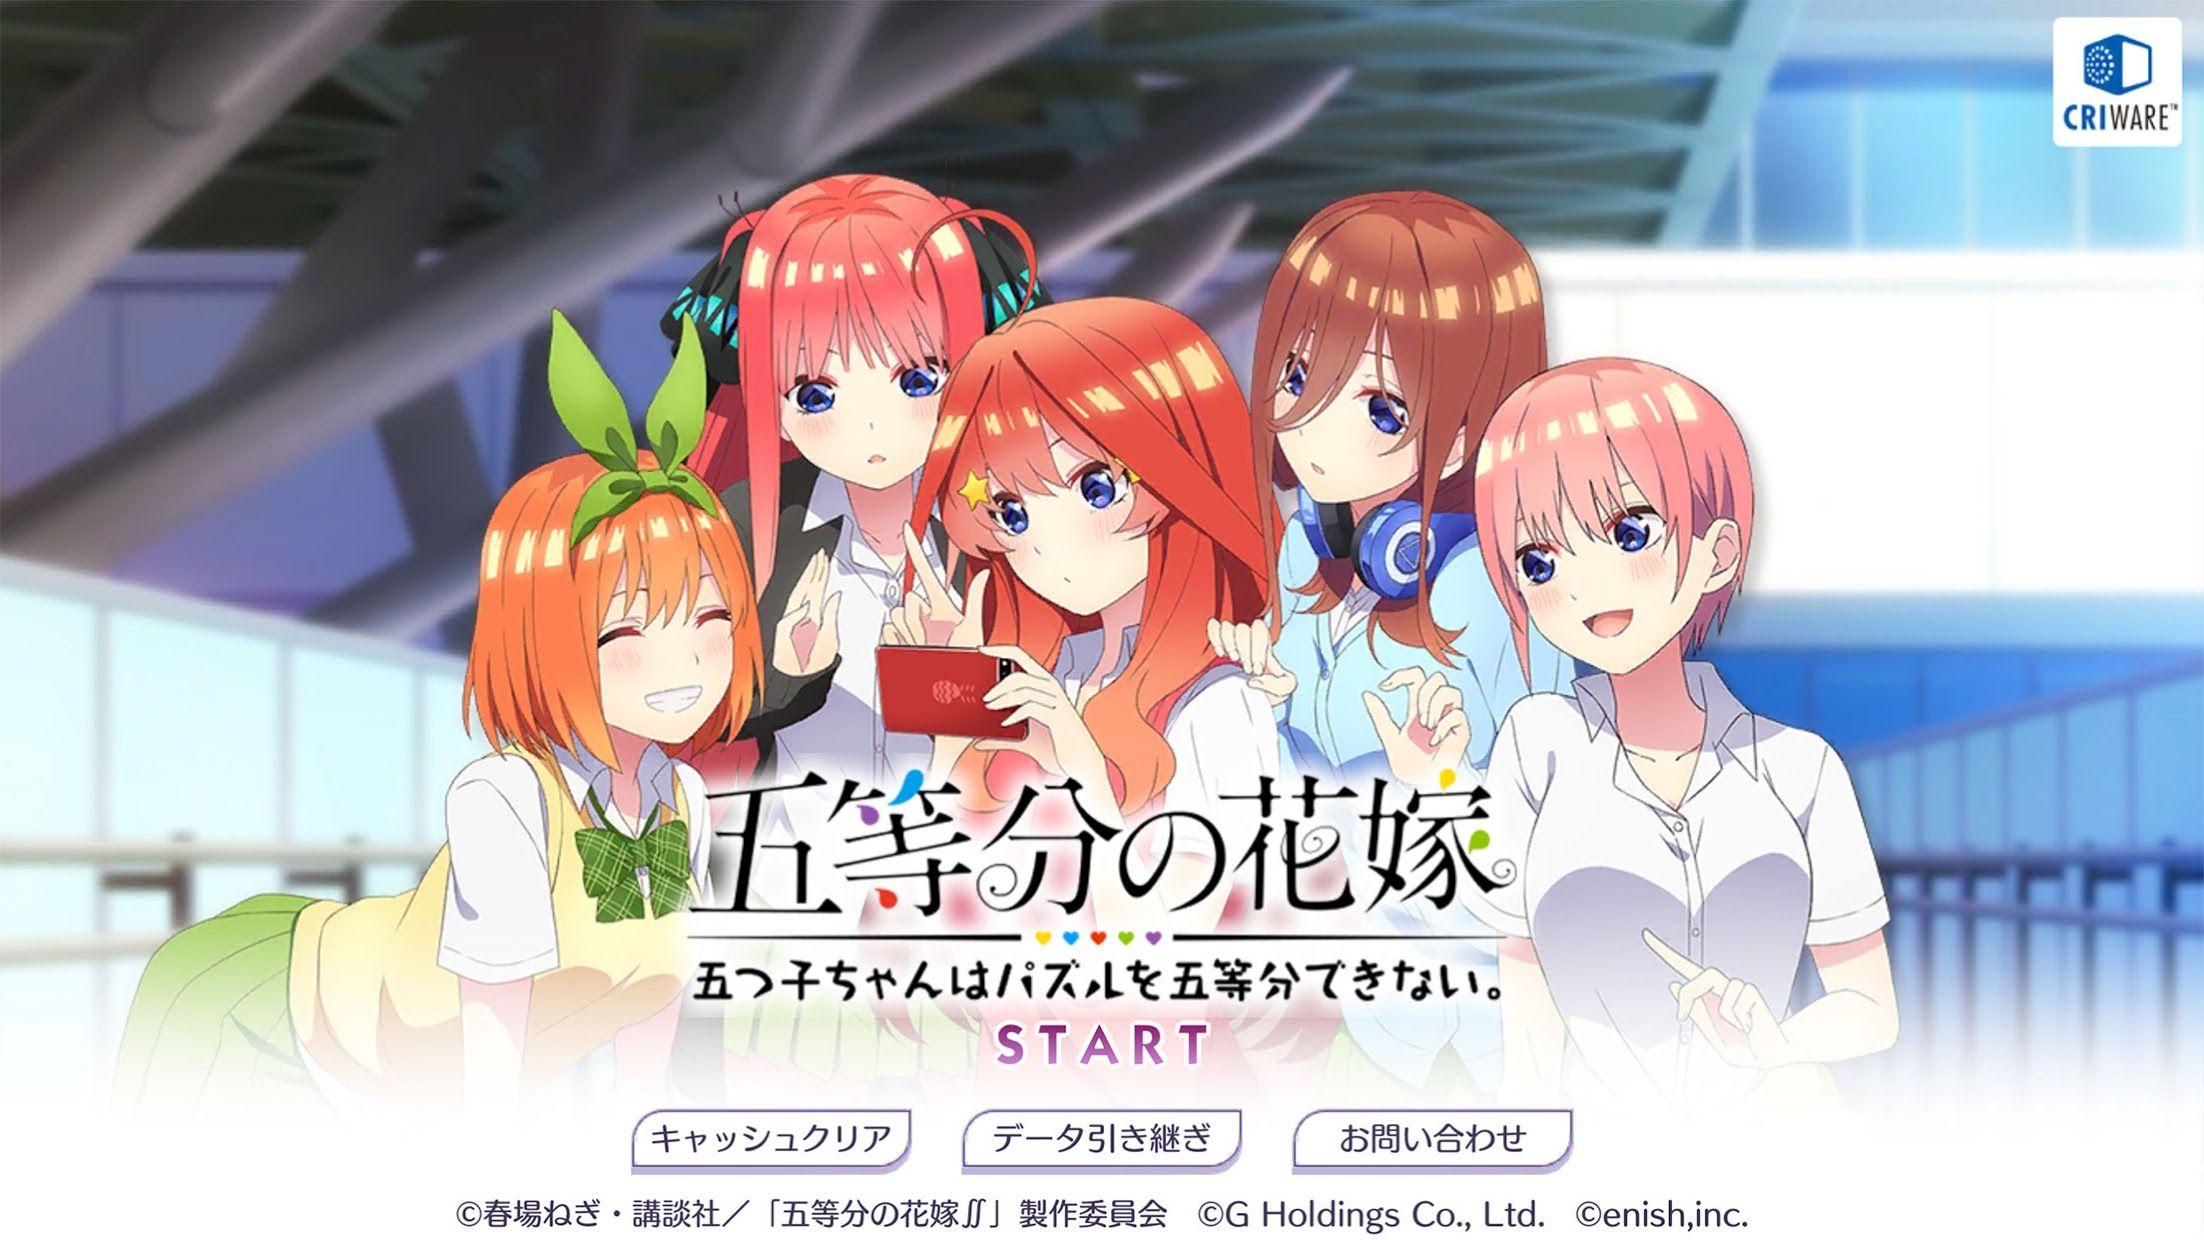 五等分的新娘 五胞胎不能将谜题五等分 游戏截图1